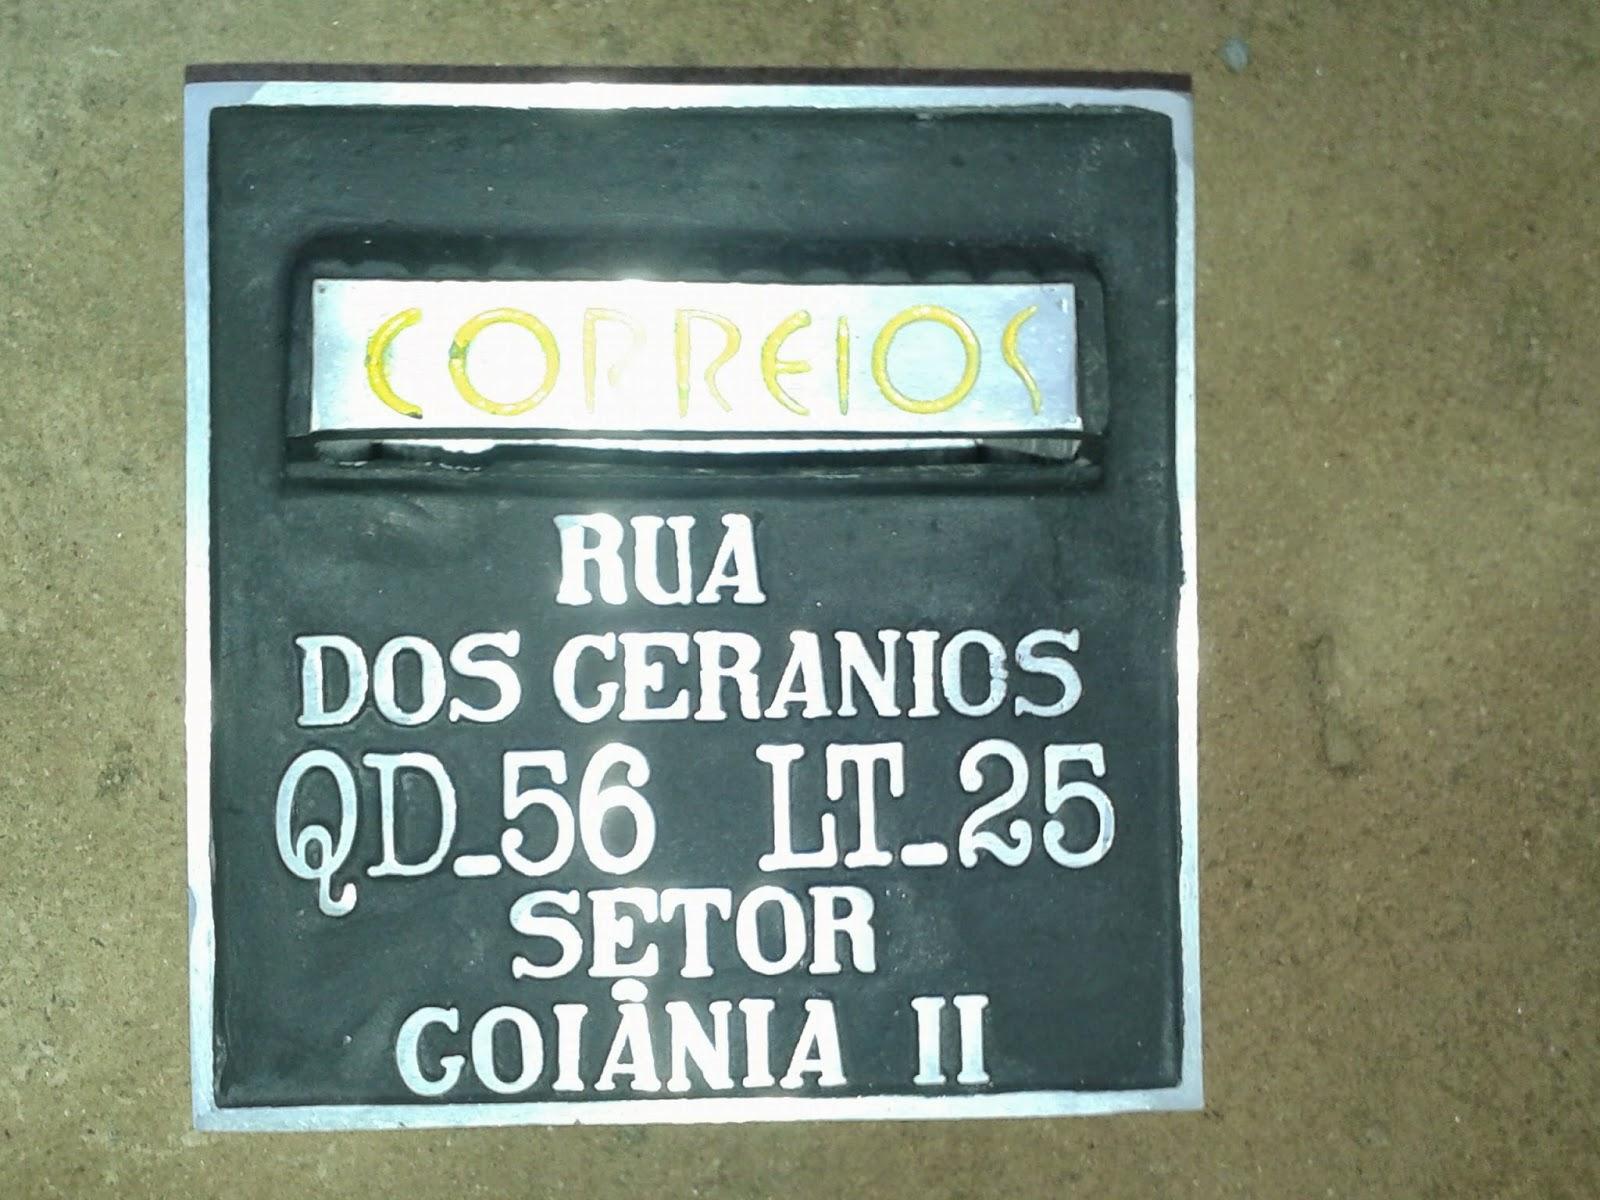 bfb1a2976788 caixa de correspondência com endereço retangular pequena